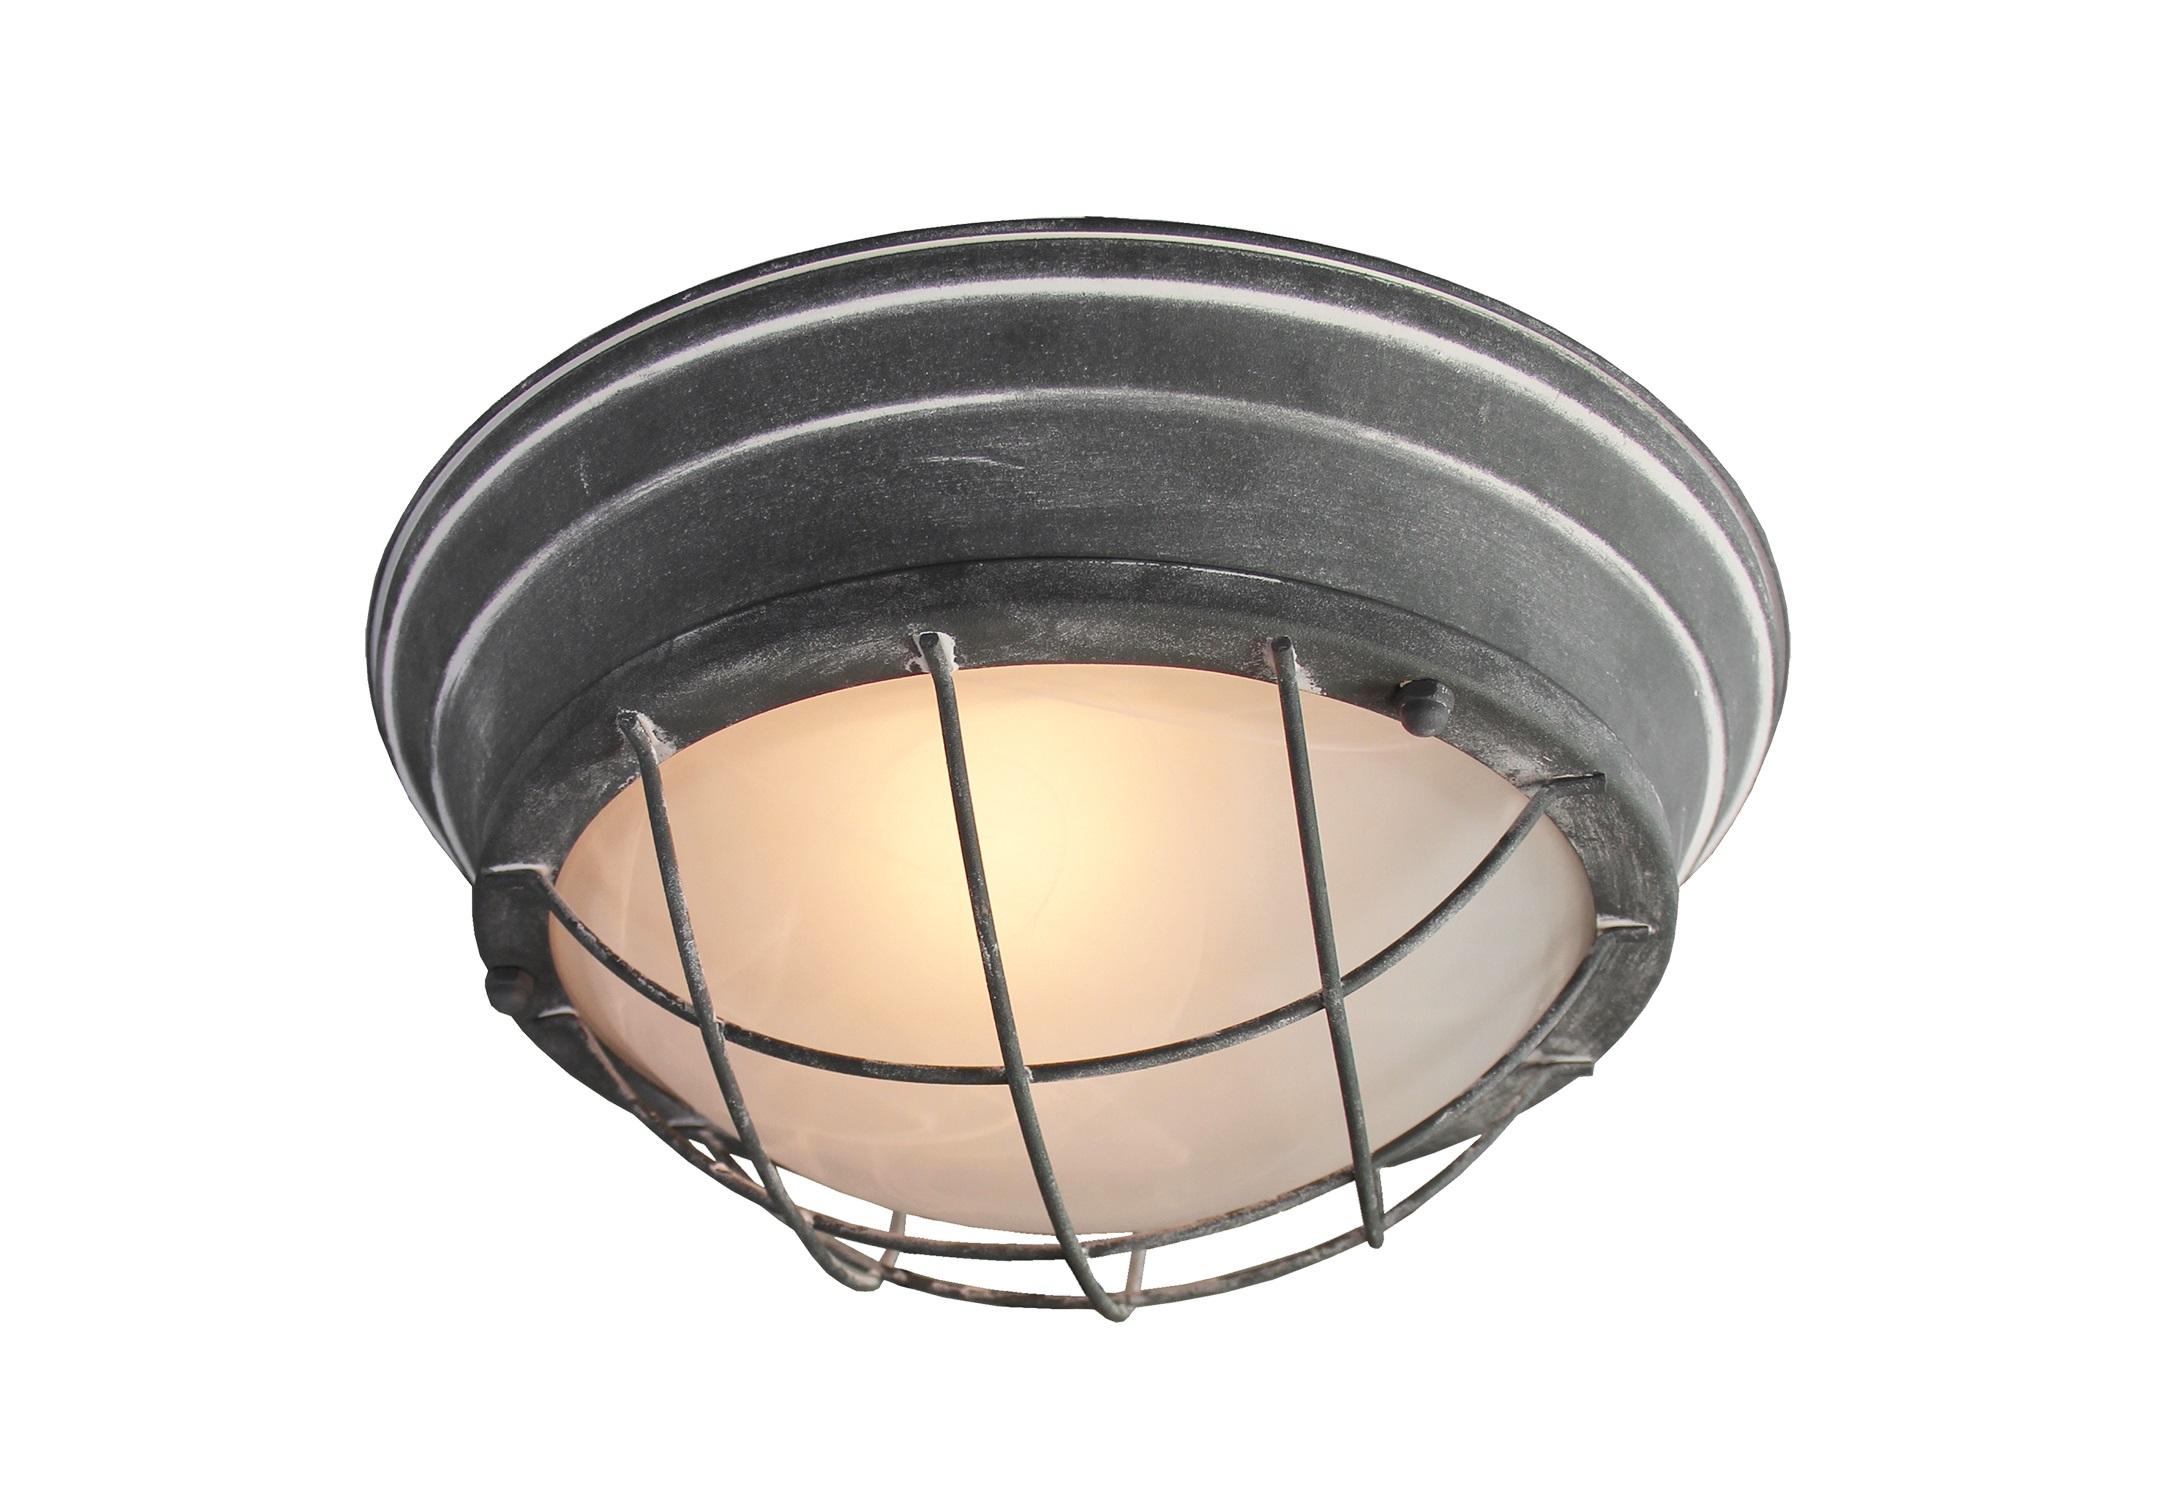 Потолочный светильникПотолочные светильники<br>&amp;lt;div&amp;gt;&amp;lt;div&amp;gt;Вид цоколя: E27&amp;lt;/div&amp;gt;&amp;lt;div&amp;gt;Мощность: 60W&amp;lt;/div&amp;gt;&amp;lt;div&amp;gt;Количество ламп: 1&amp;lt;/div&amp;gt;&amp;lt;div&amp;gt;Наличие ламп: отсутствуют.&amp;lt;/div&amp;gt;&amp;lt;/div&amp;gt;<br><br>Material: Металл<br>Ширина см: 34<br>Высота см: 15